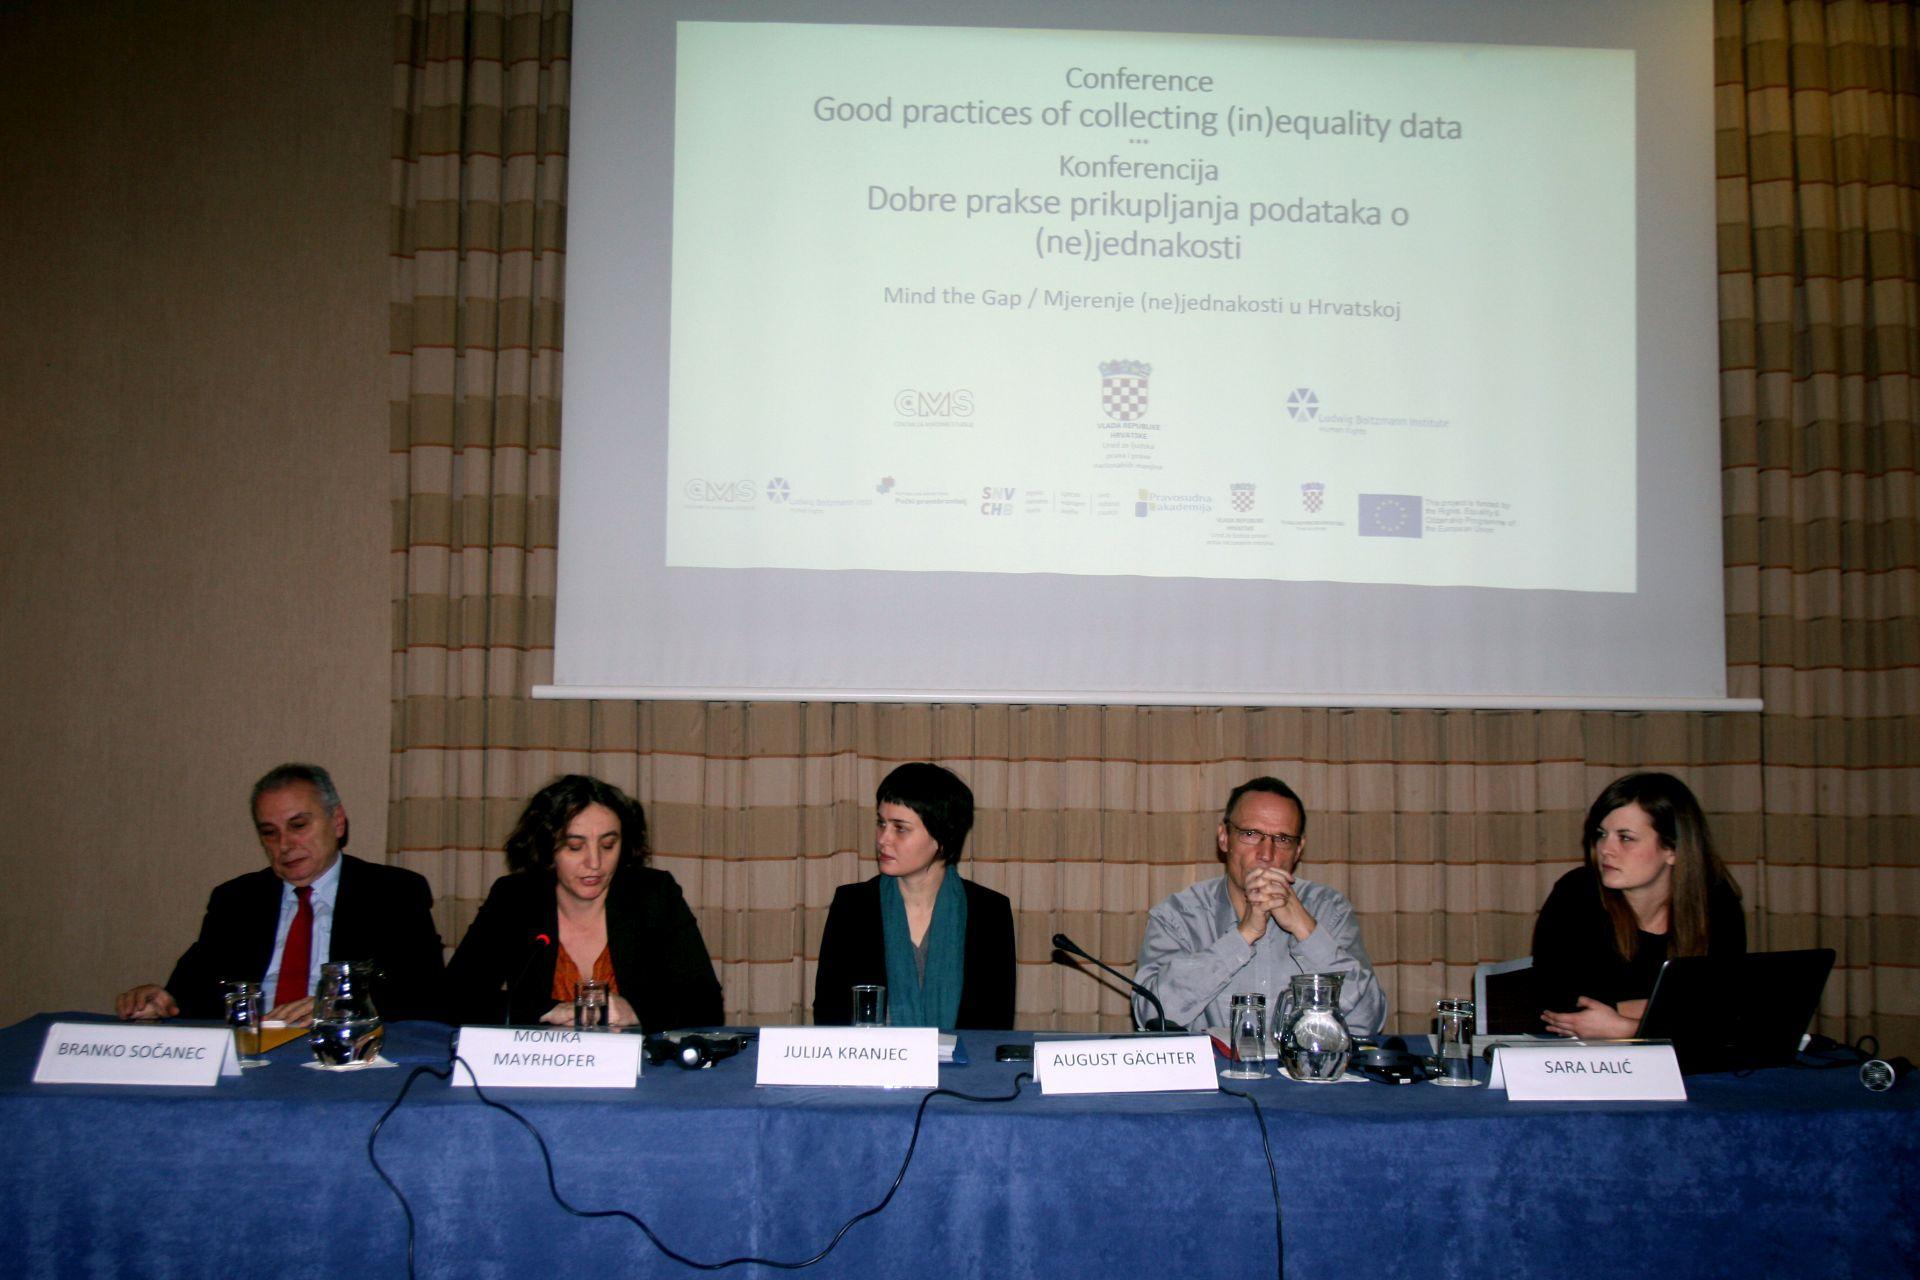 KONFERENCIJA: U Hrvatskoj najčešća diskriminacija po etničkoj osnovi